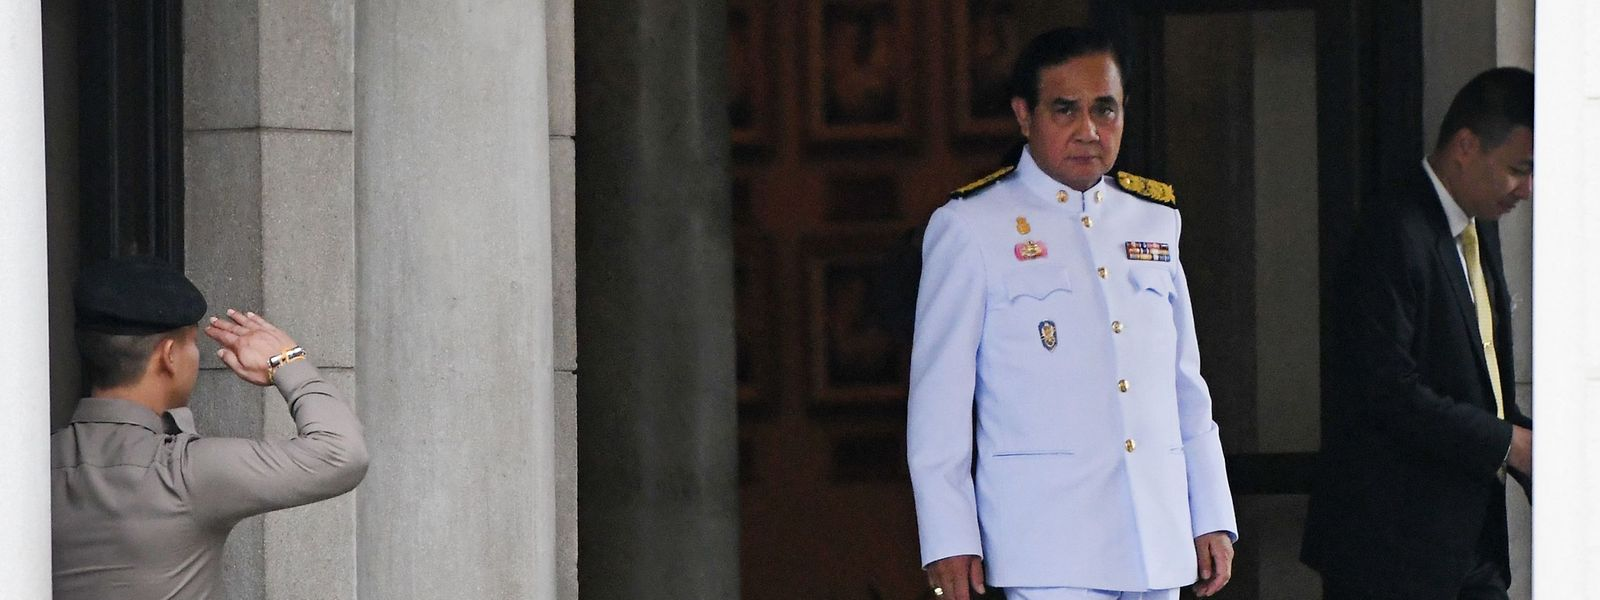 Thailands Premierminister Prayut Chan-O-Cha, ein Regierungsgebäude in Bangkok, einen Tag nach den Wahlen vom 24. März.